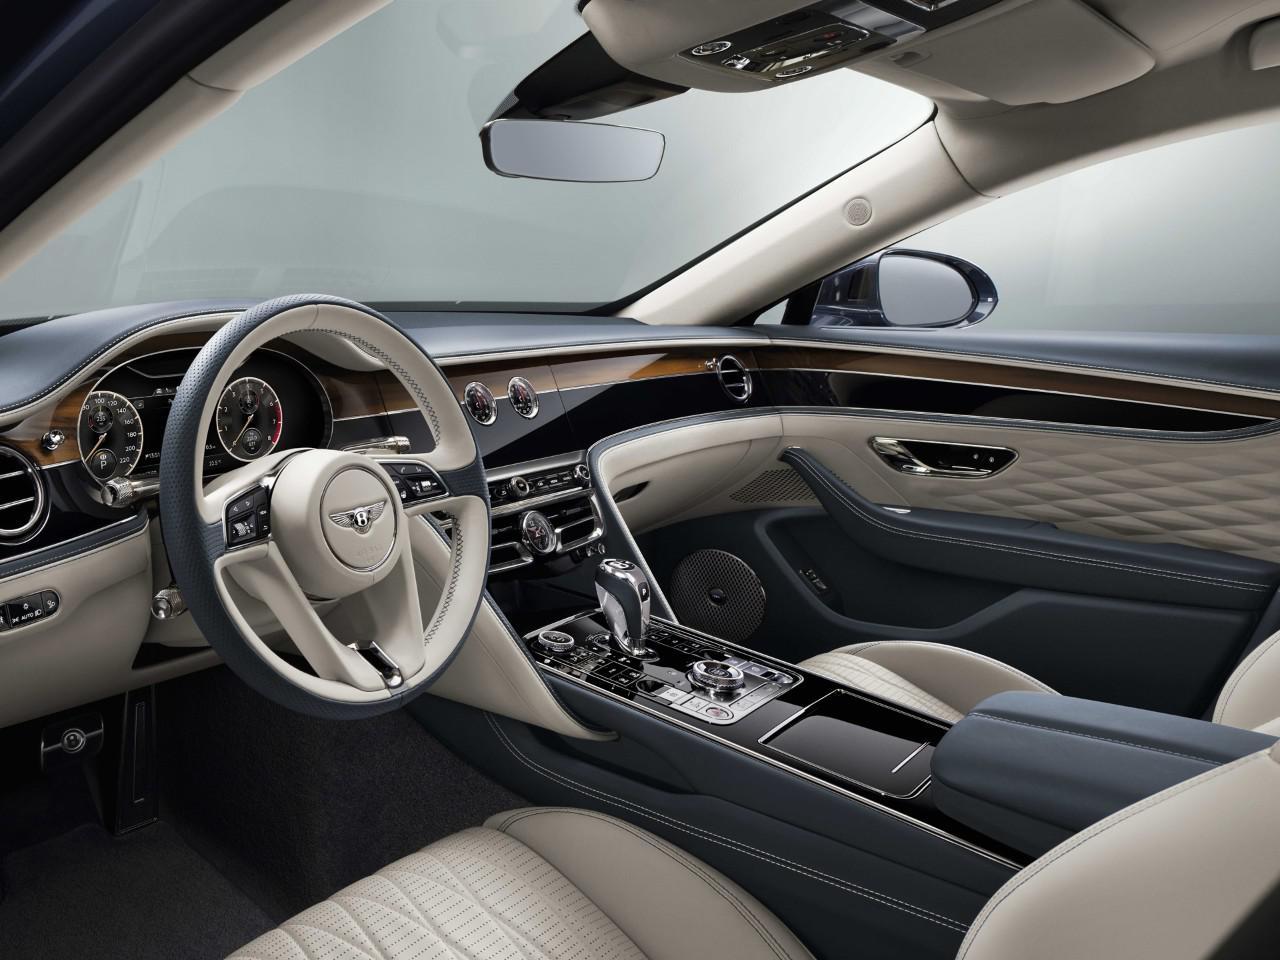 宾利最便宜的新车发布,2020年交付,比劳斯莱斯更有格调